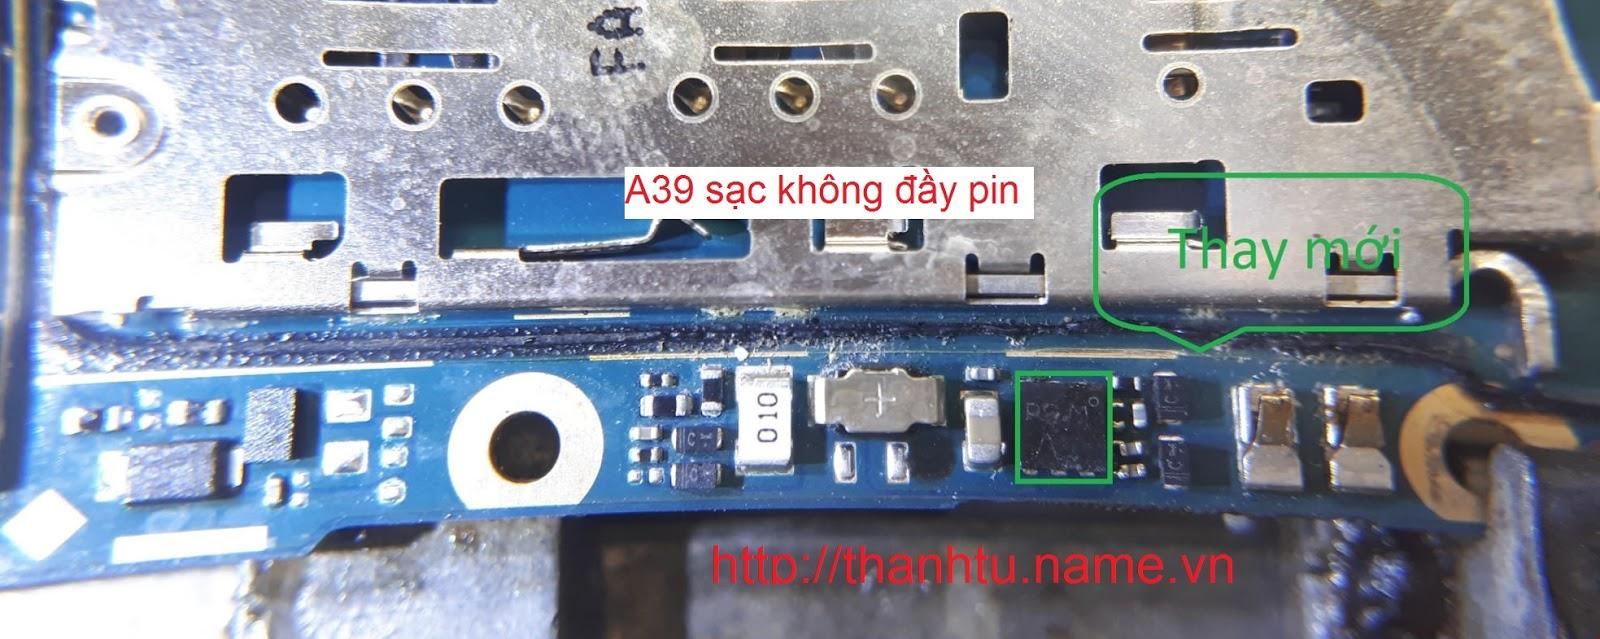 Oppo A39 sạc không đầy pin